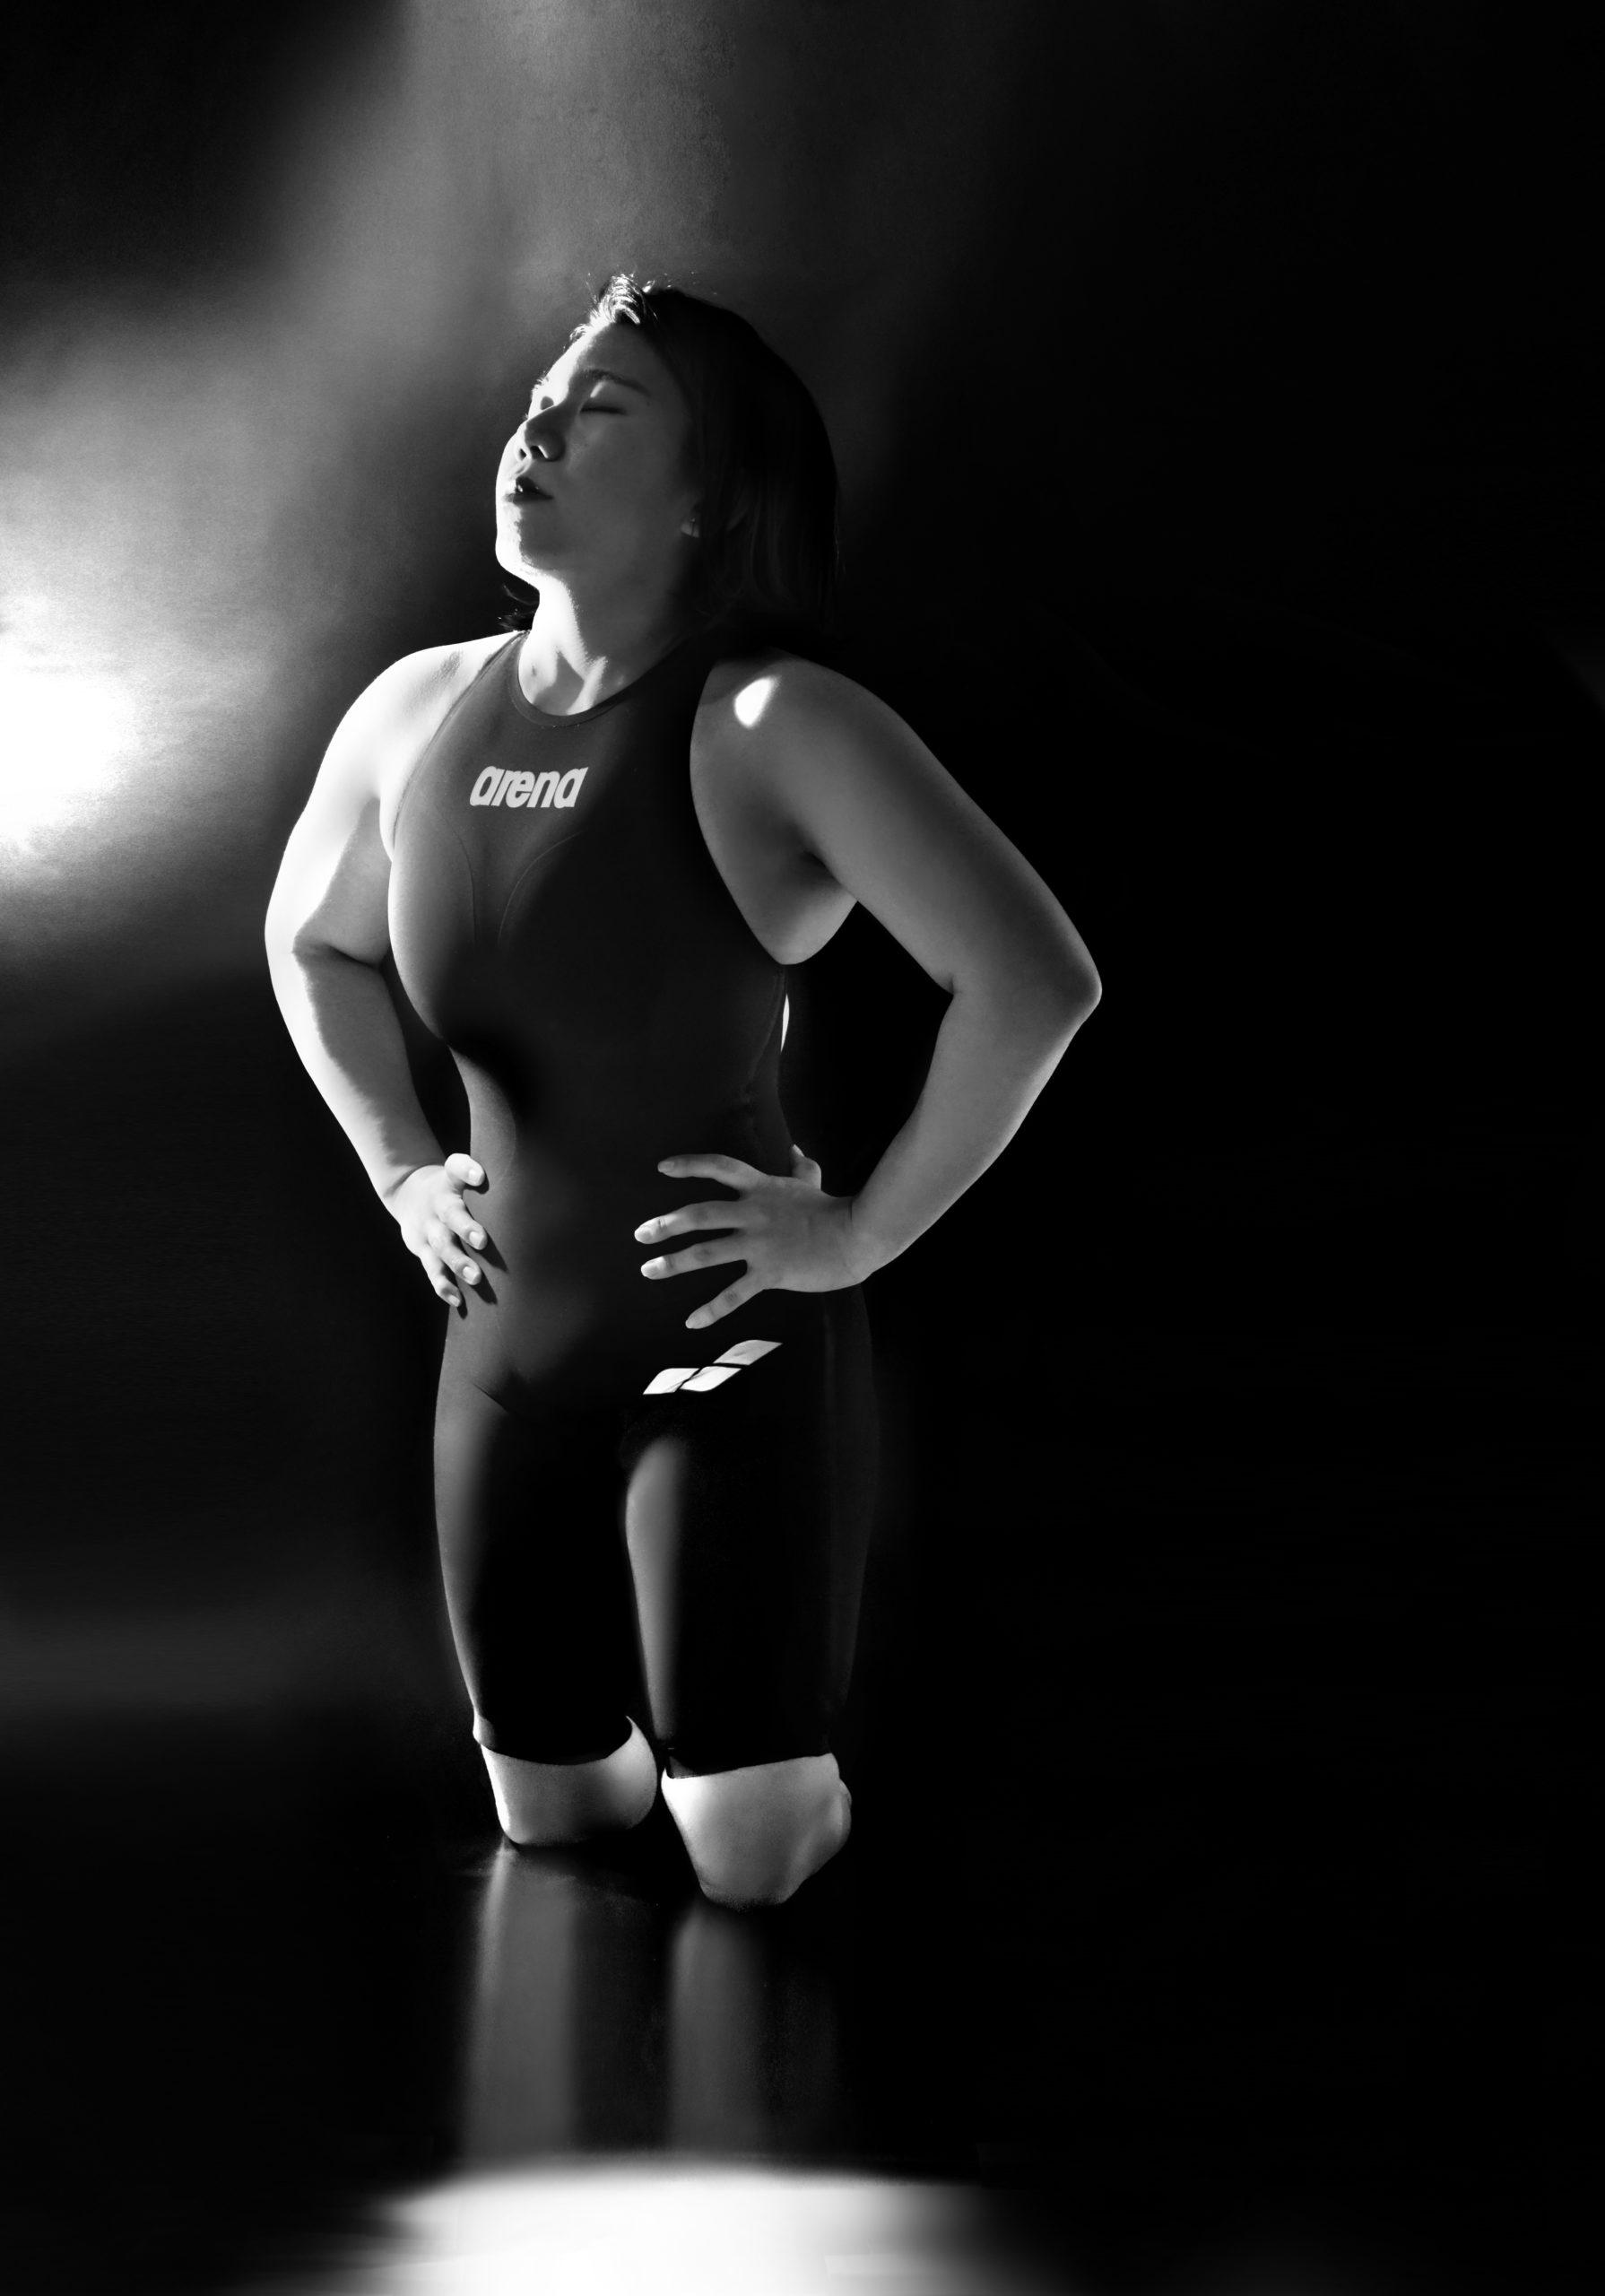 鎌田美希のポートレート写真